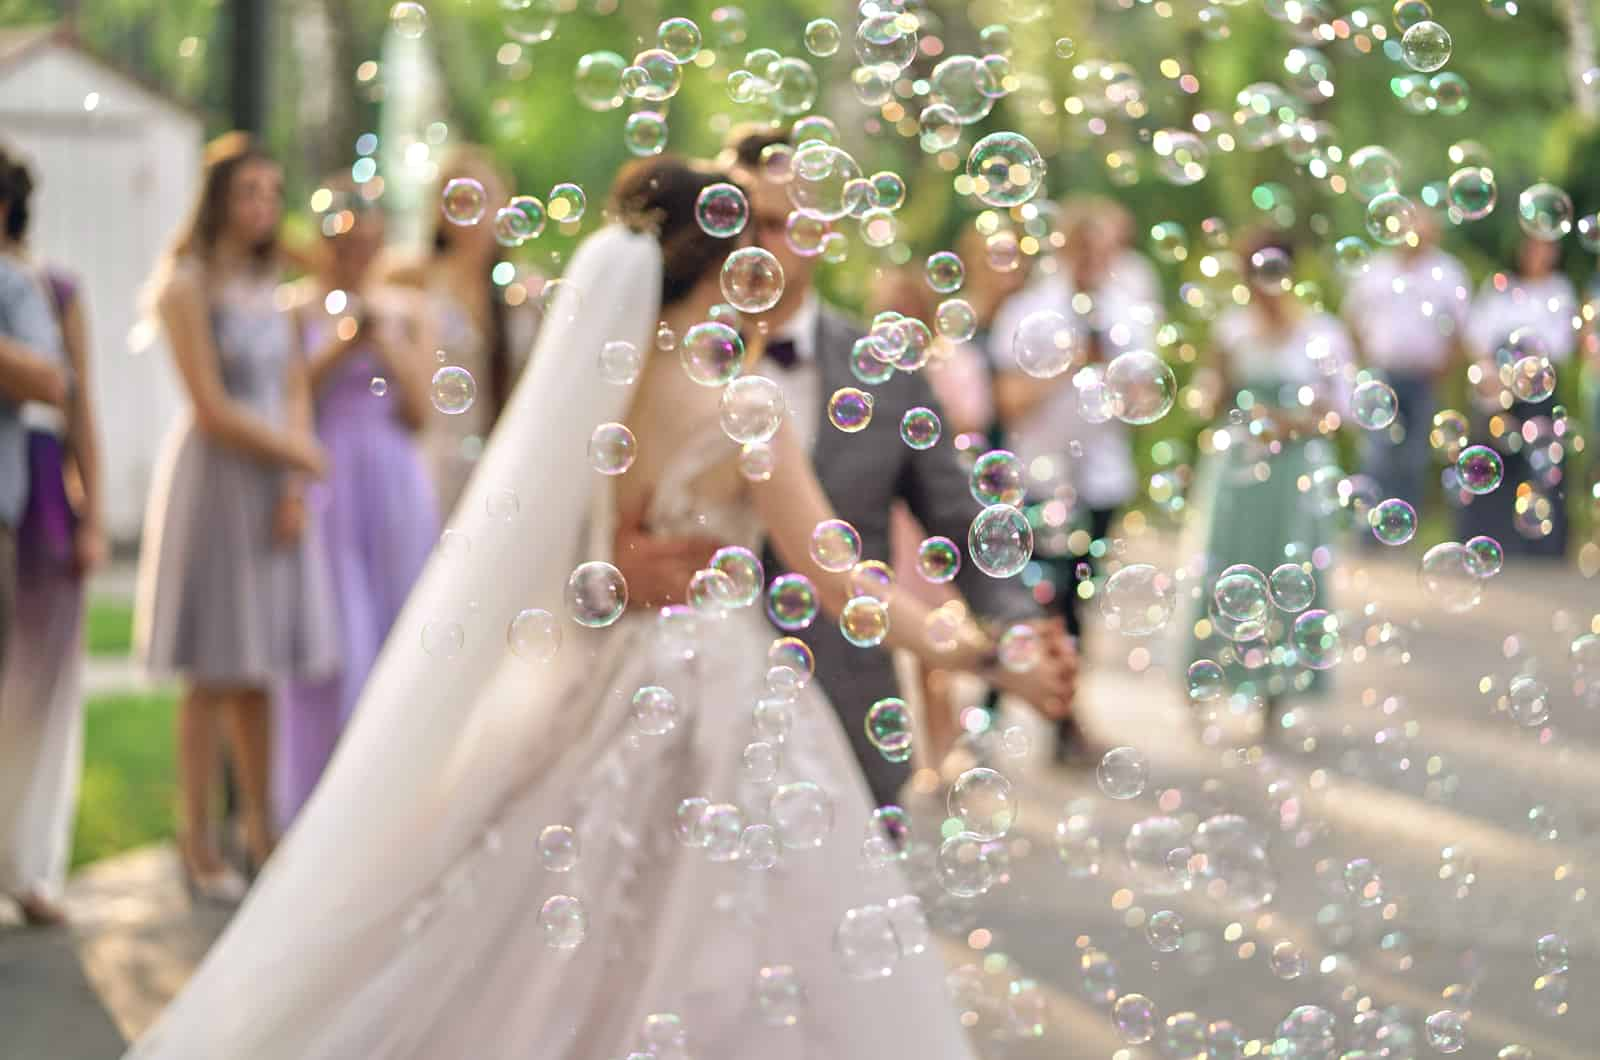 Hochzeitspaar tanzt mit Seifenblasen herum